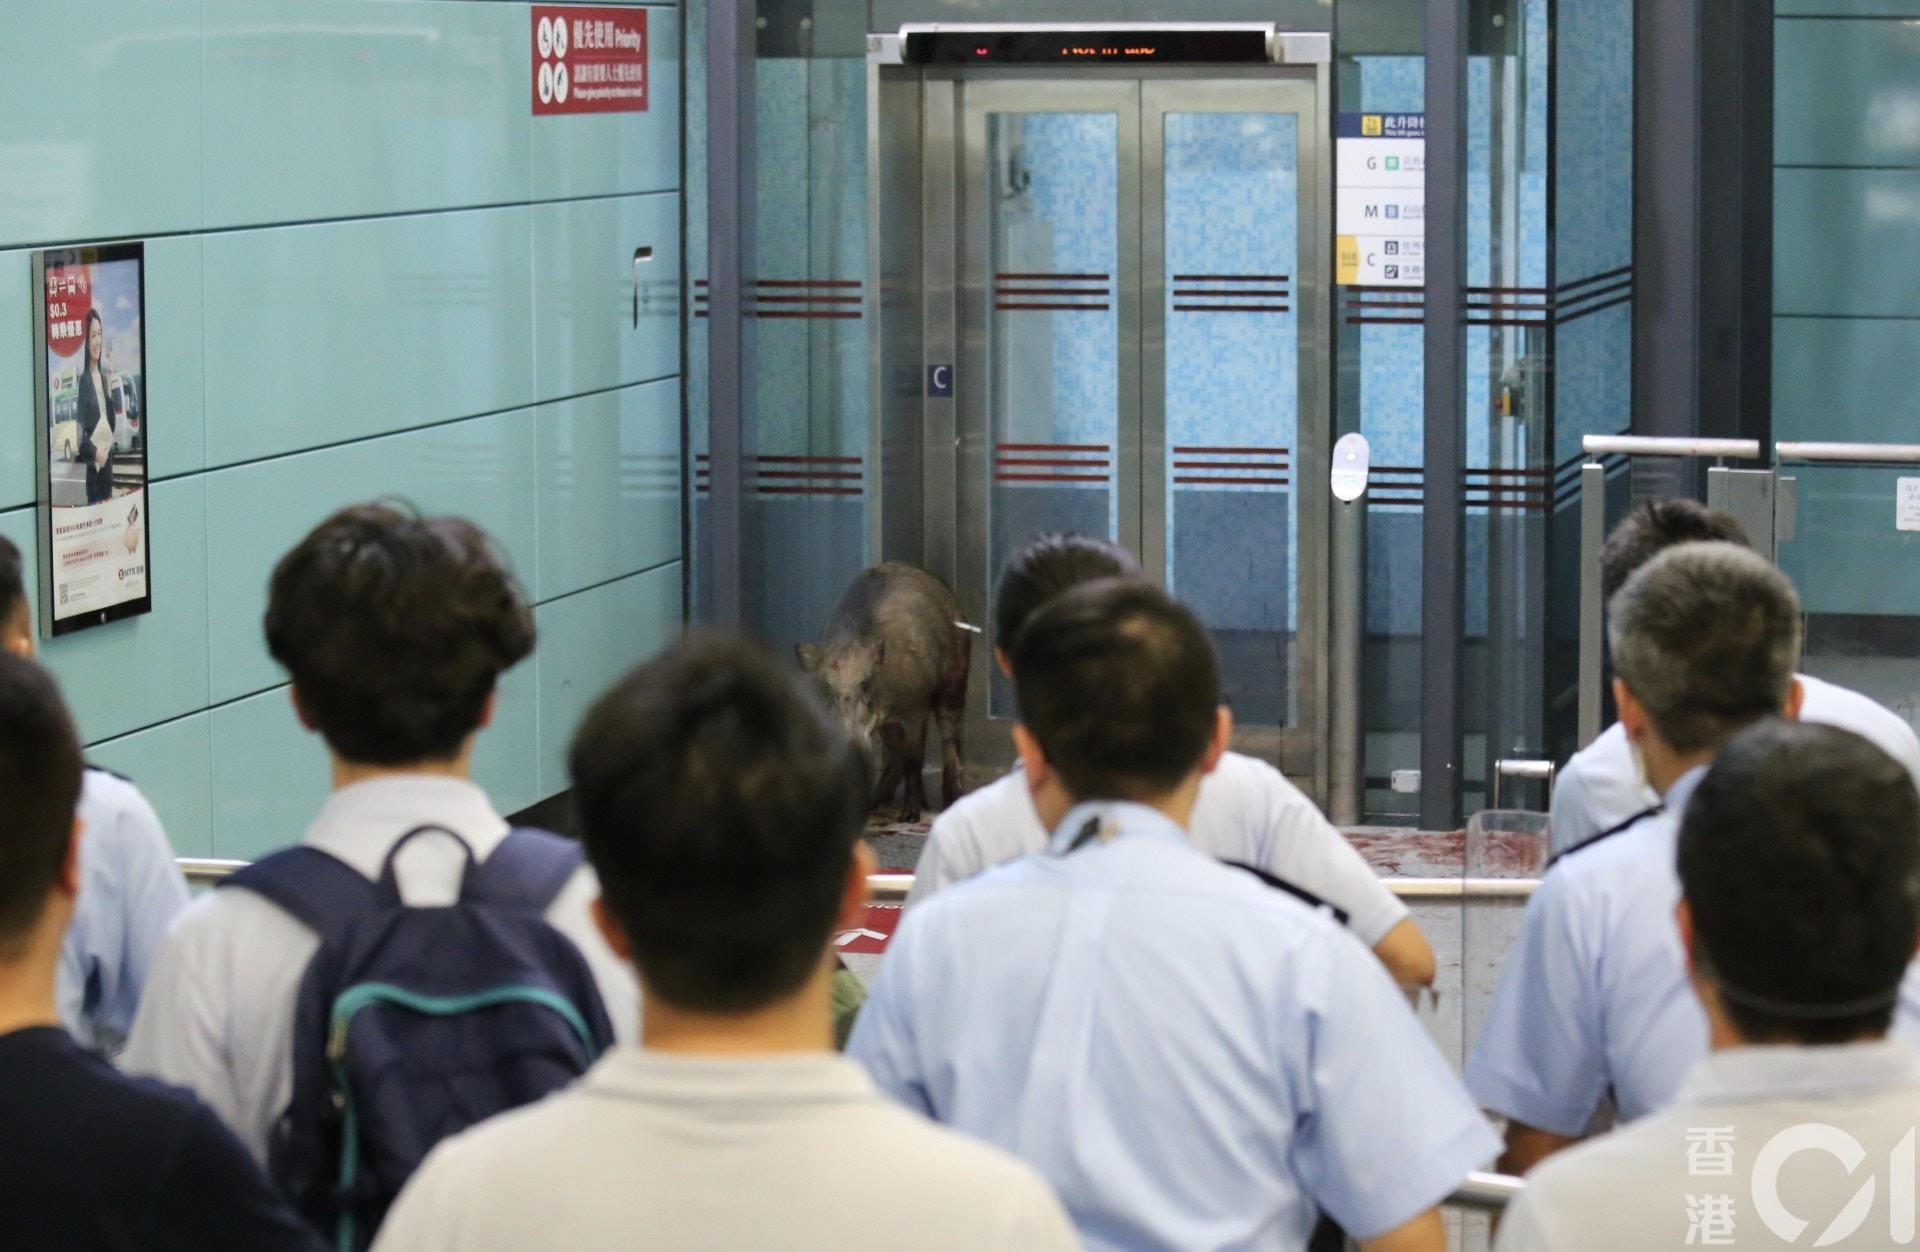 猪年特别乘客?野猪闯香港地铁站横冲直撞,20多人围追堵截